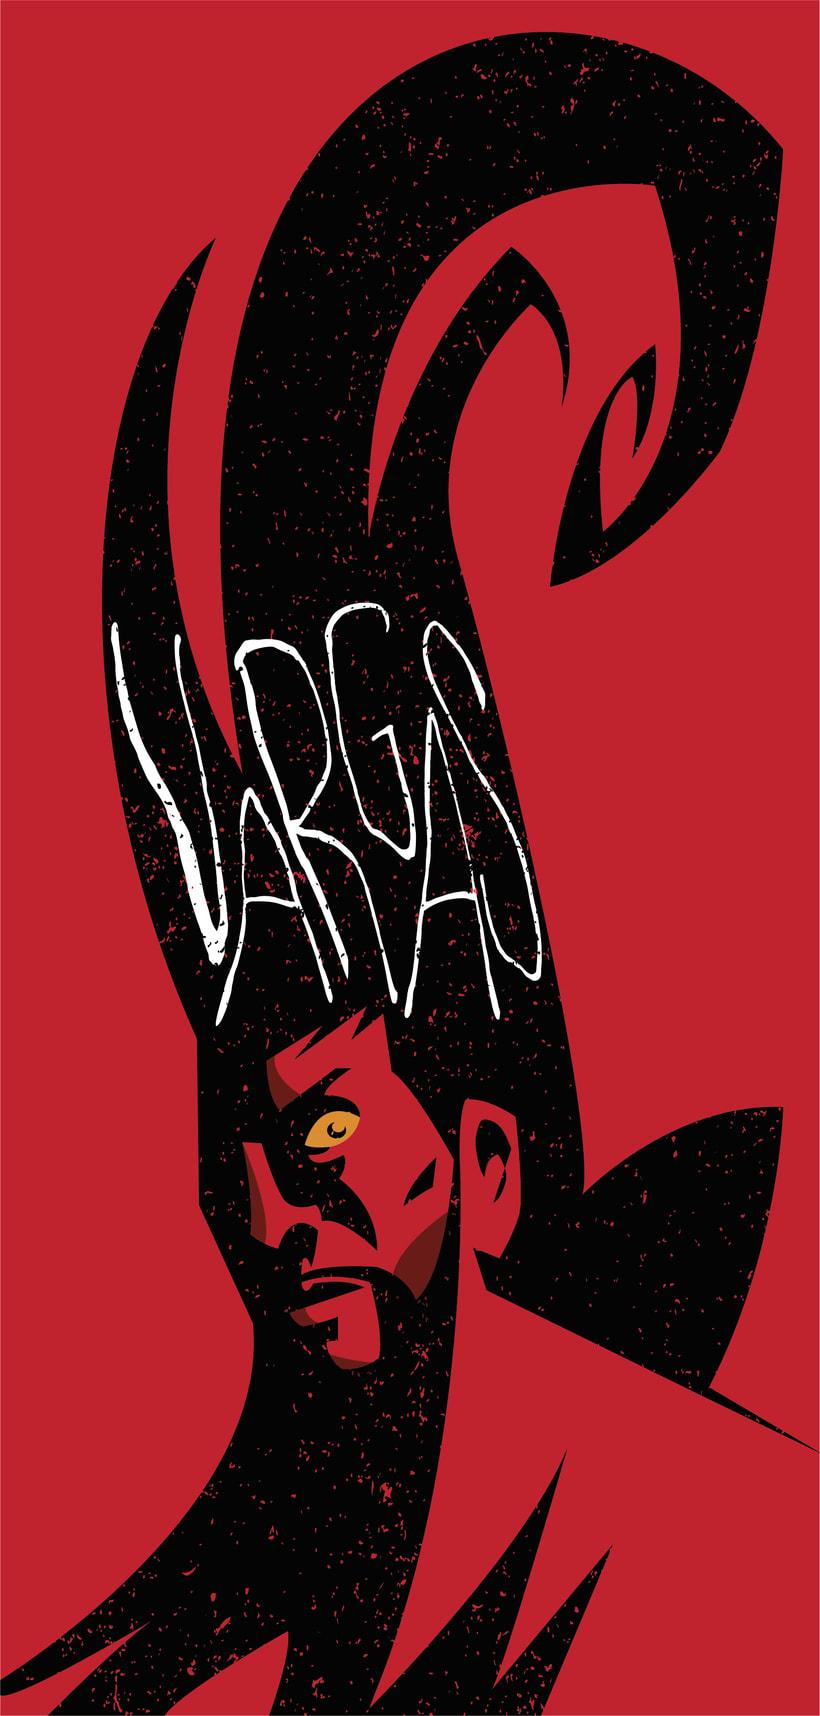 Vargas - Poster 0